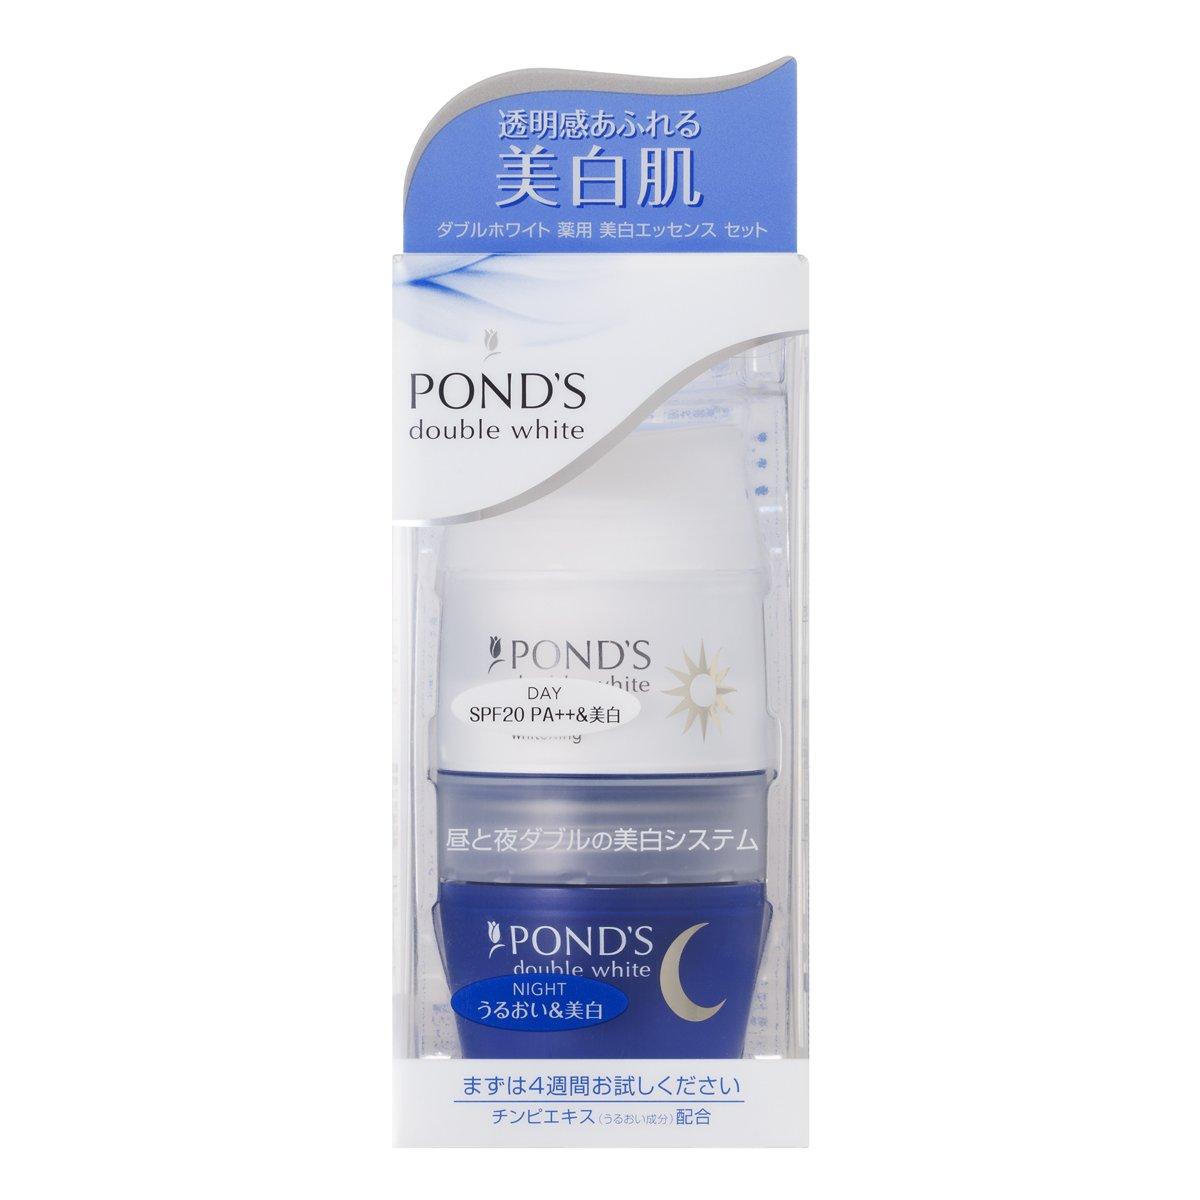 kem-trang-da-ngay-va-dem-ponds-double-white-28g